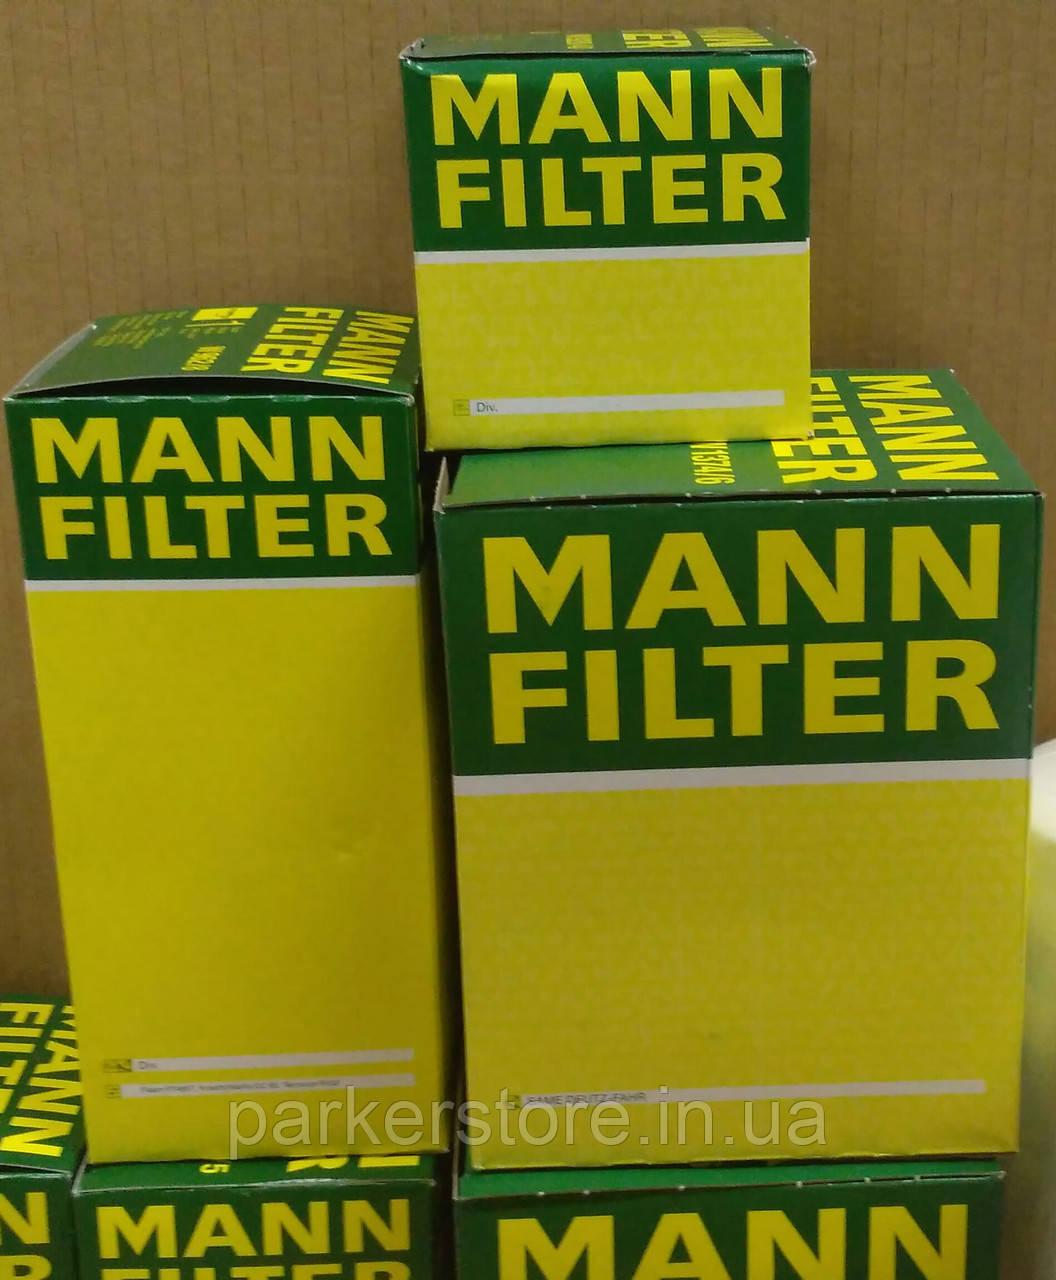 MANN FILTER / Повітряний фільтр / C 12 003 / C12003